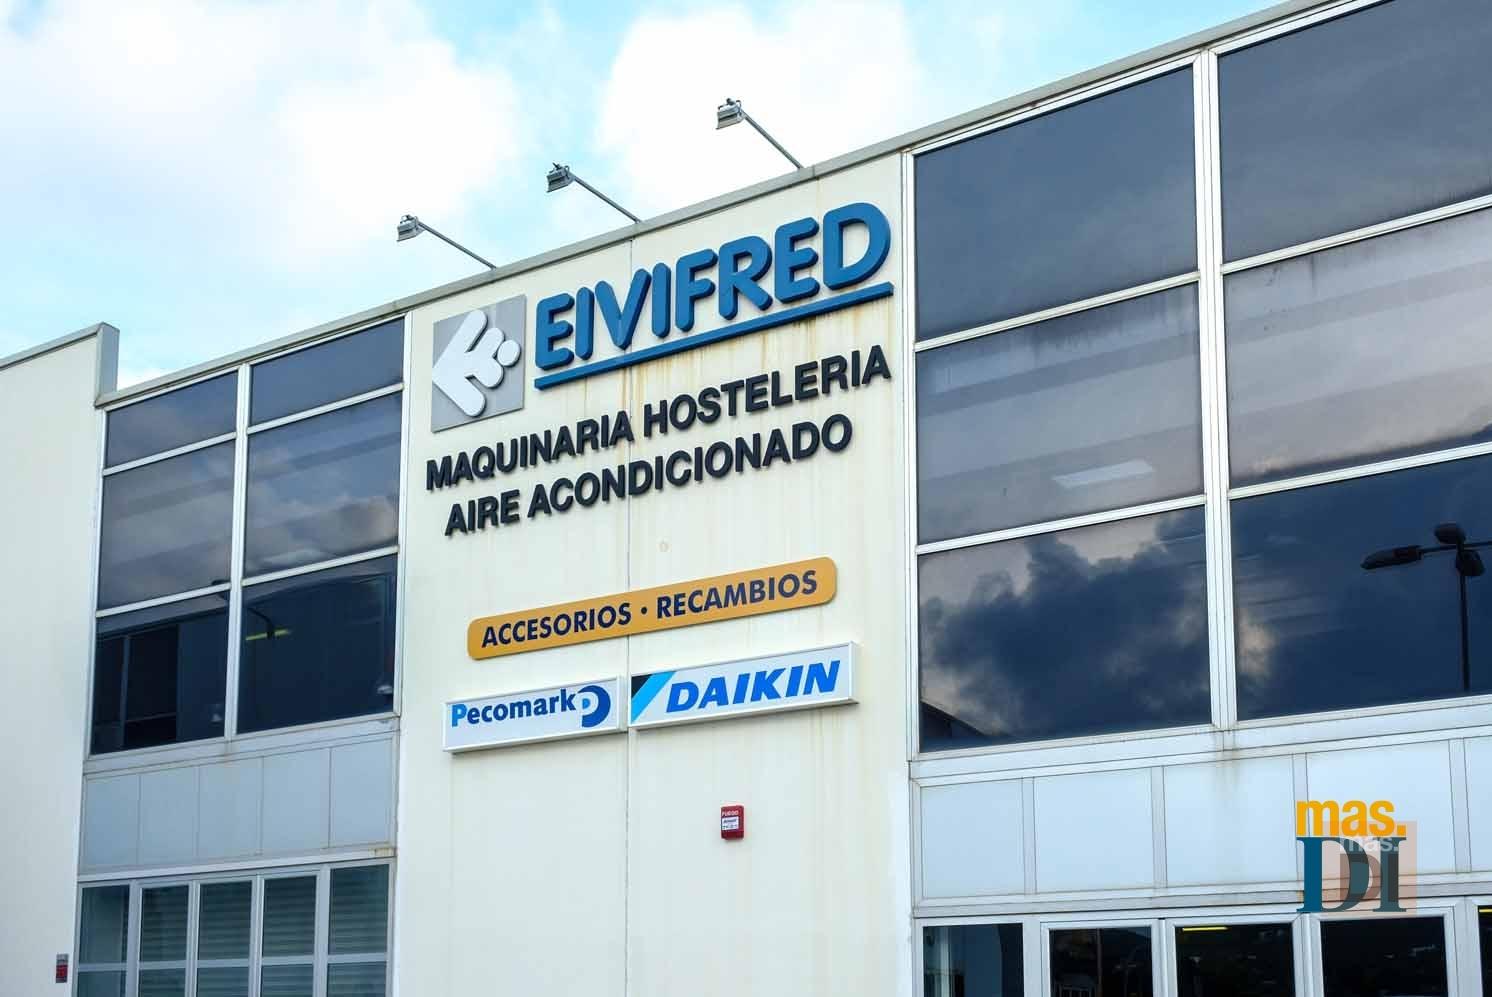 Eivifred, soluciones a medida para empresas y particulares